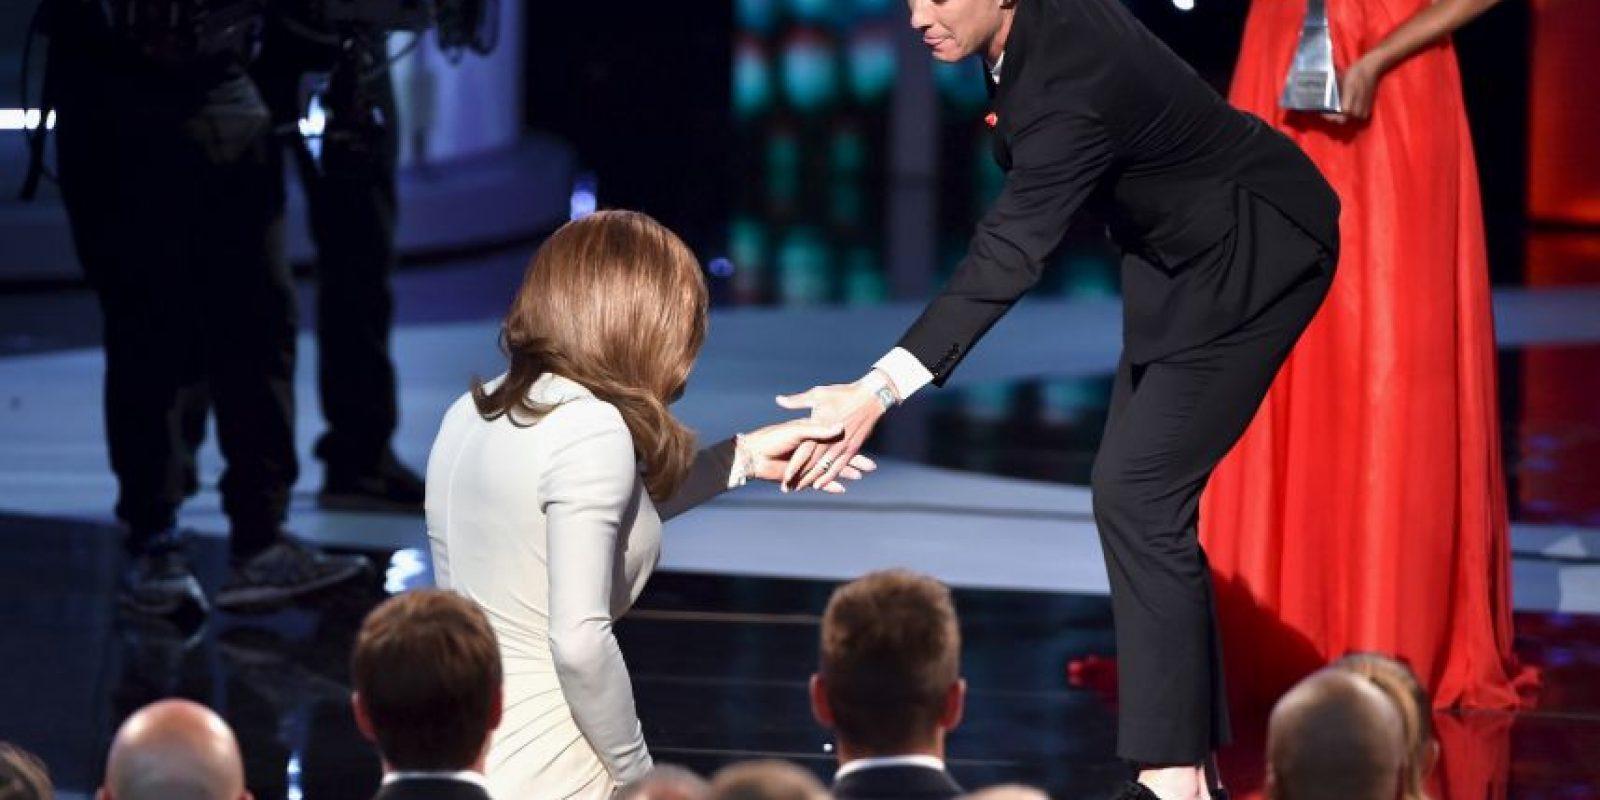 """""""No se trata solo de una persona, es sobre miles de personas más. No es solo acerca de mí, es sobre todos nosotros aceptándonos mutuamente. La gente transexual merece algo vital, merece su respeto"""", indicó Jenner. Foto:Getty Images"""